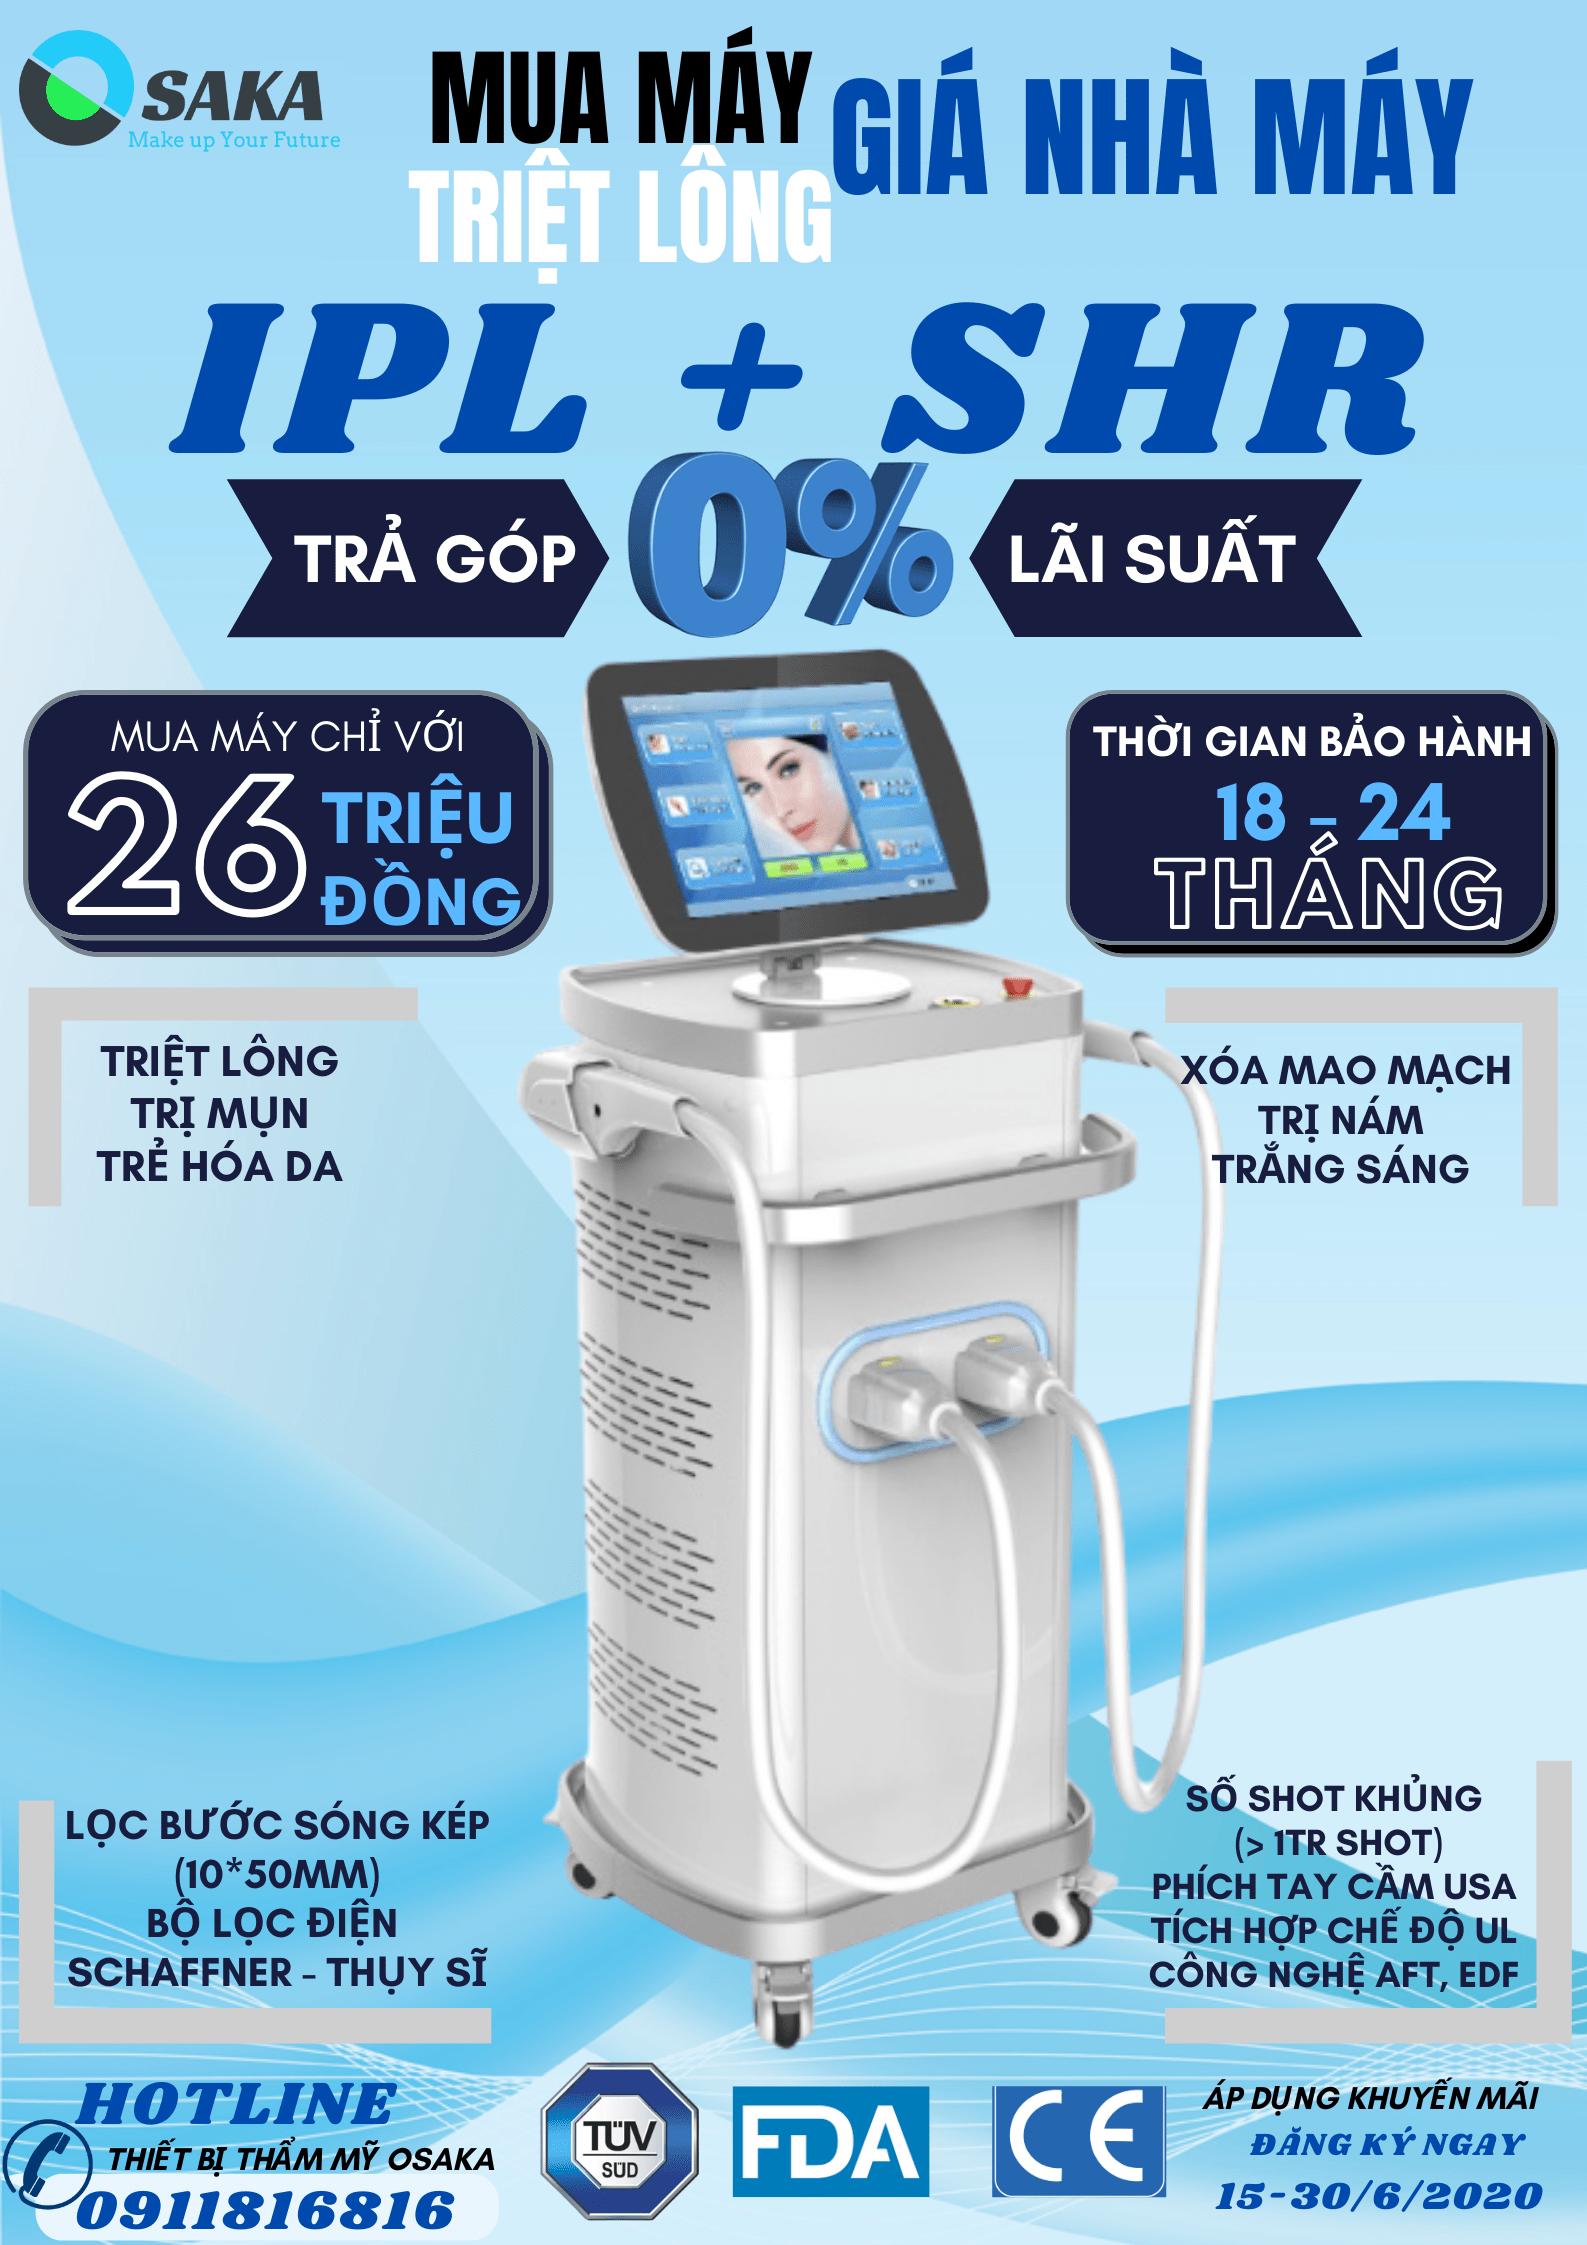 Tại sao nên chọn mua máy triệt lông IPL SHR tại OSAKA